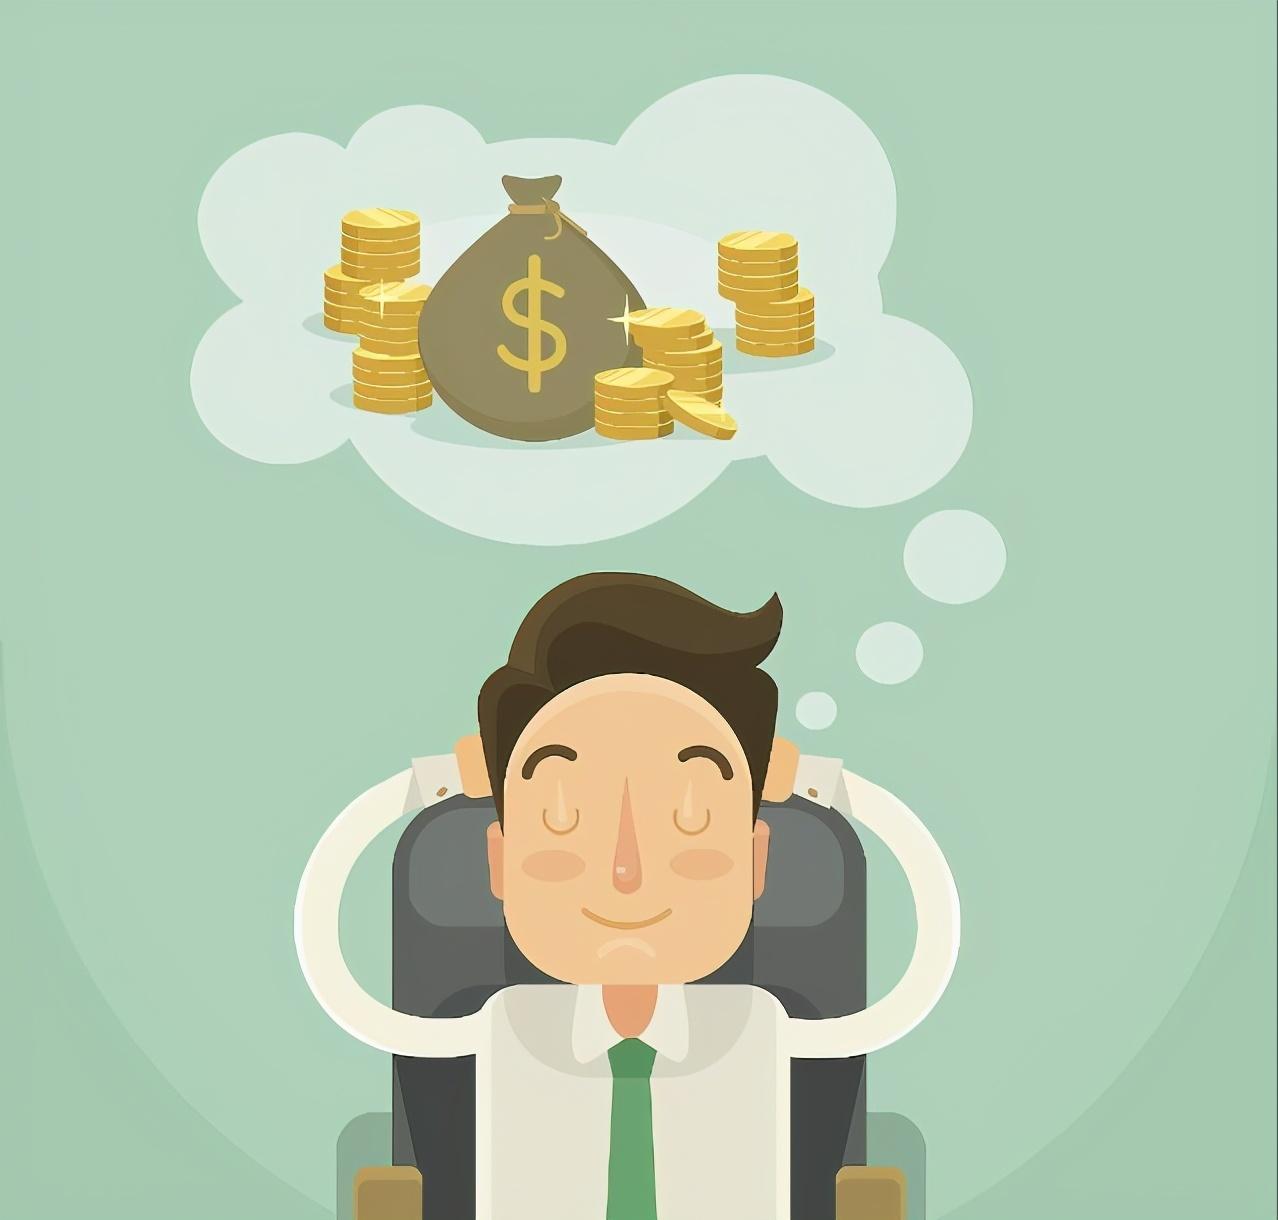 视同缴费年限是否应给个人账户补偿,过渡性养老金就是补偿方式